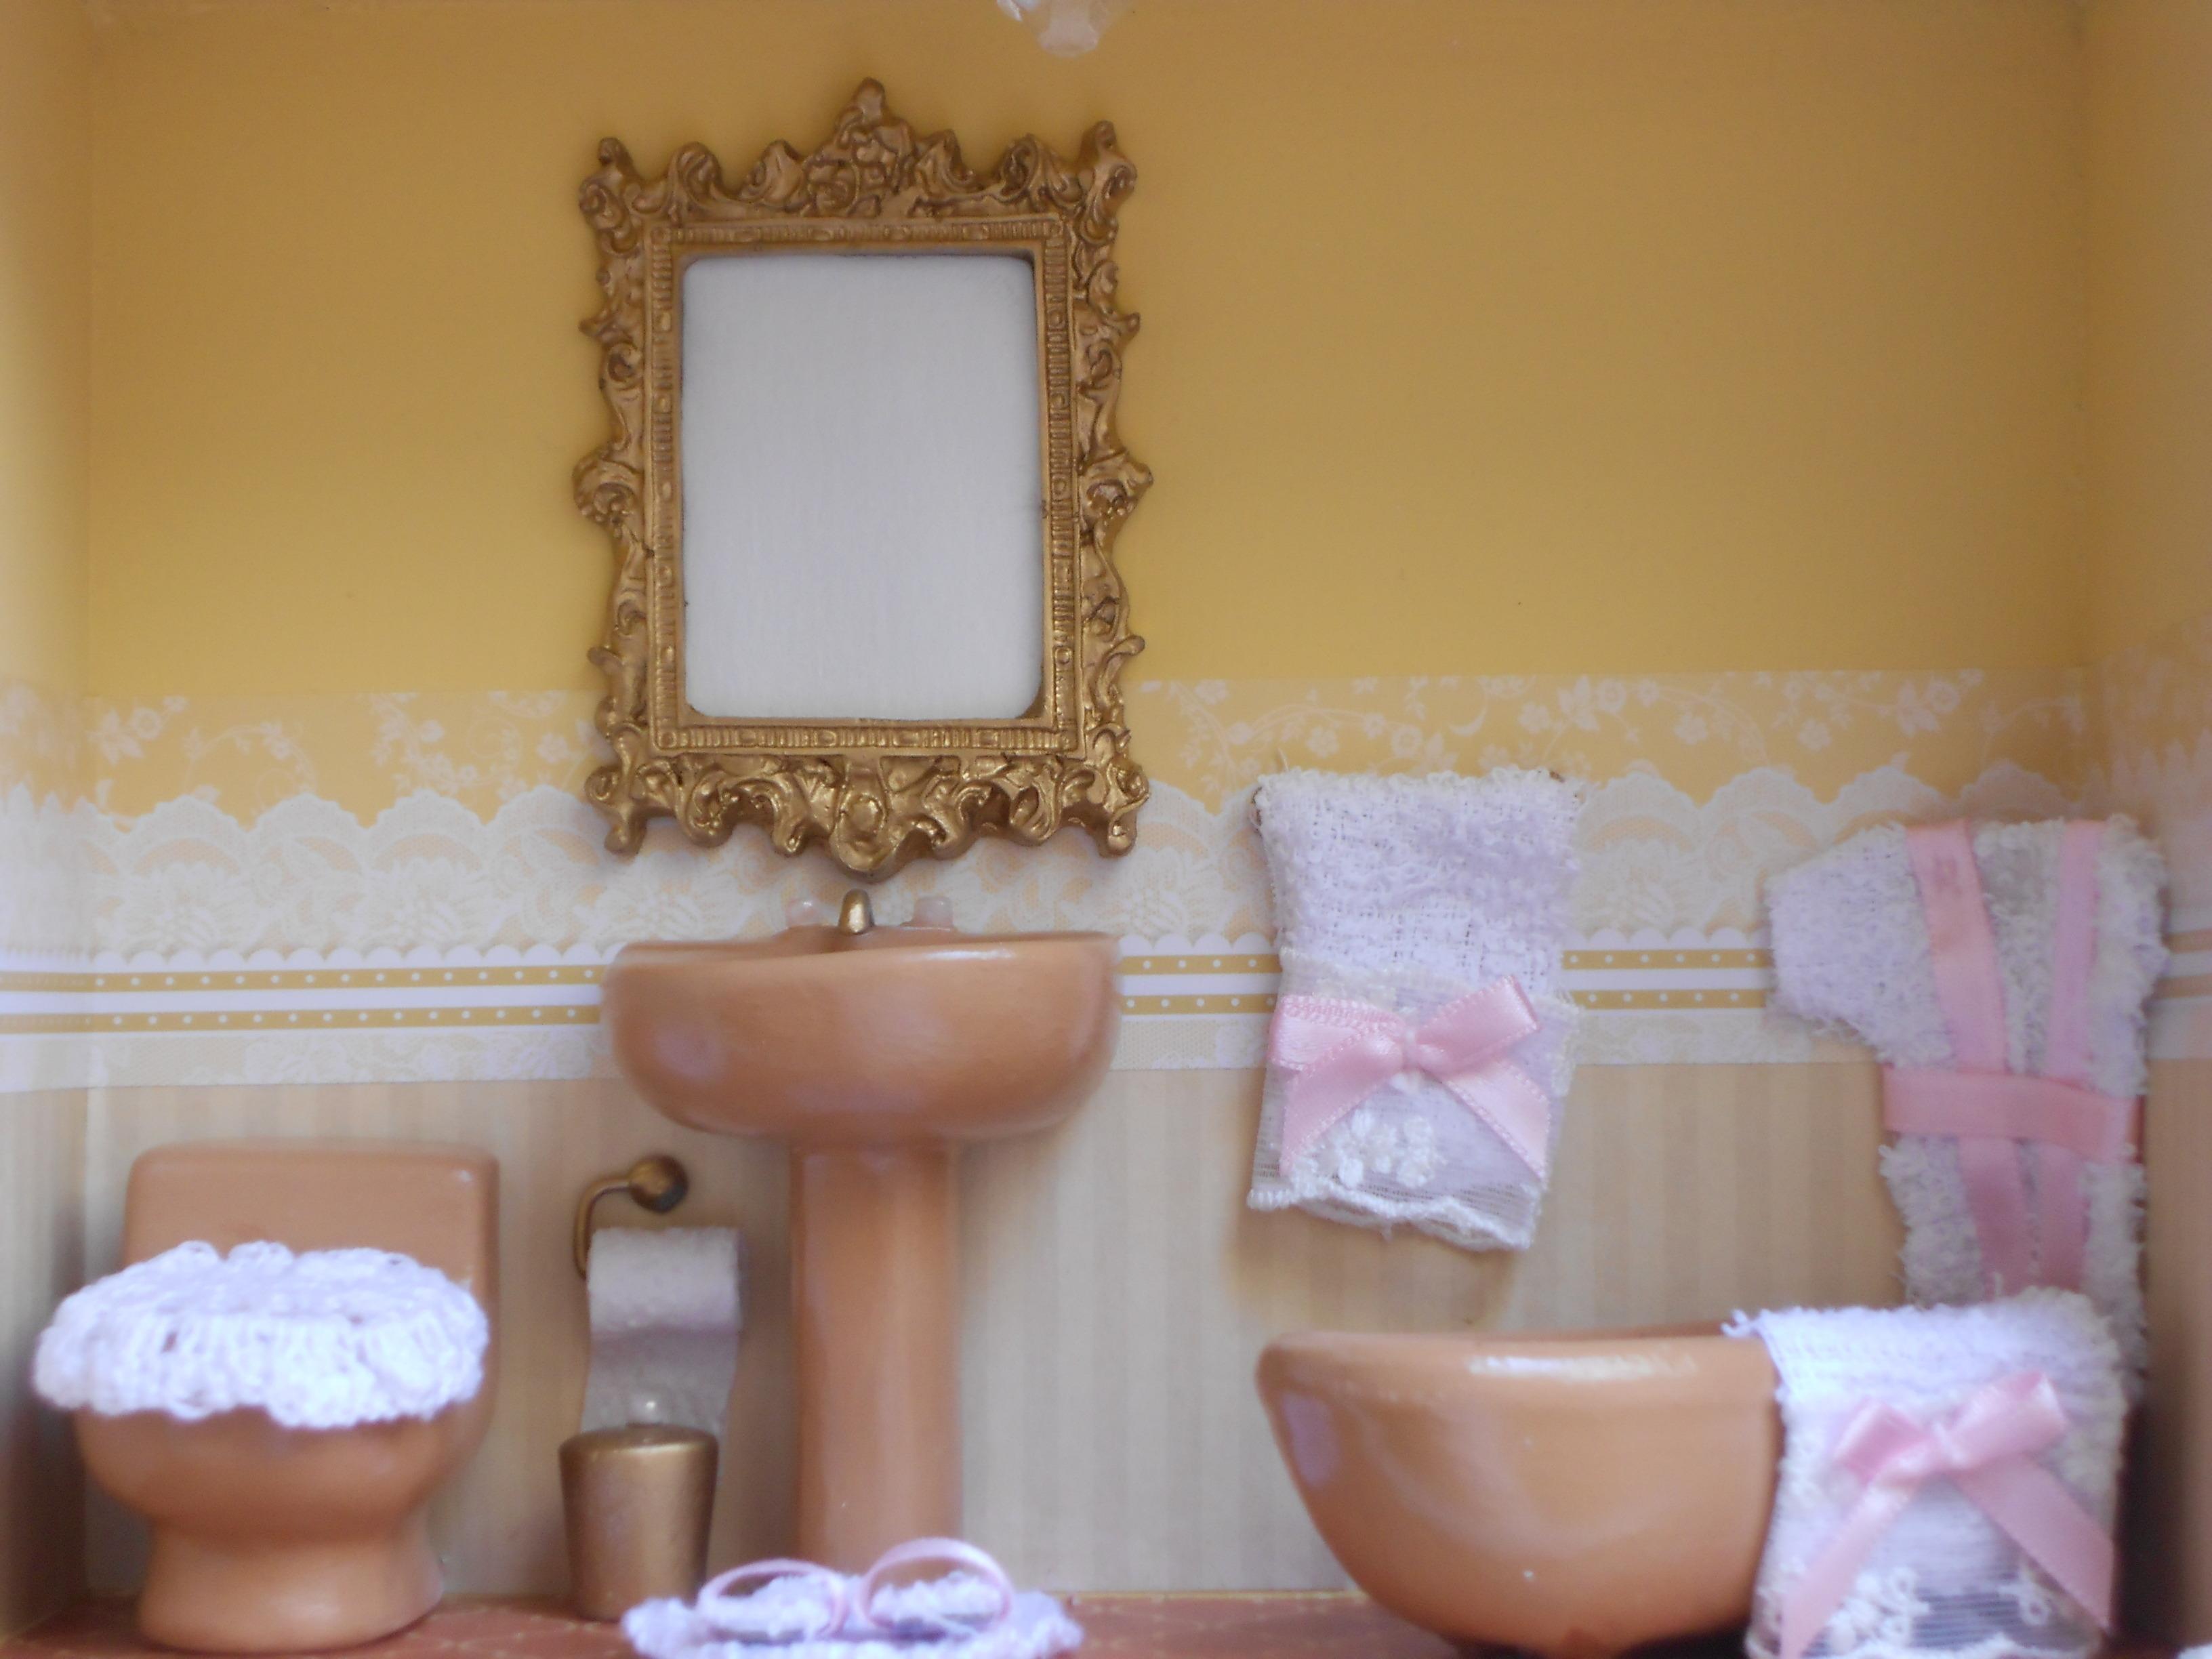 marrom quadro miniatura lavabo marrom quadro miniatura lavabo marrom #8D6B3E 3264x2448 Banheiro Amarelo E Marrom